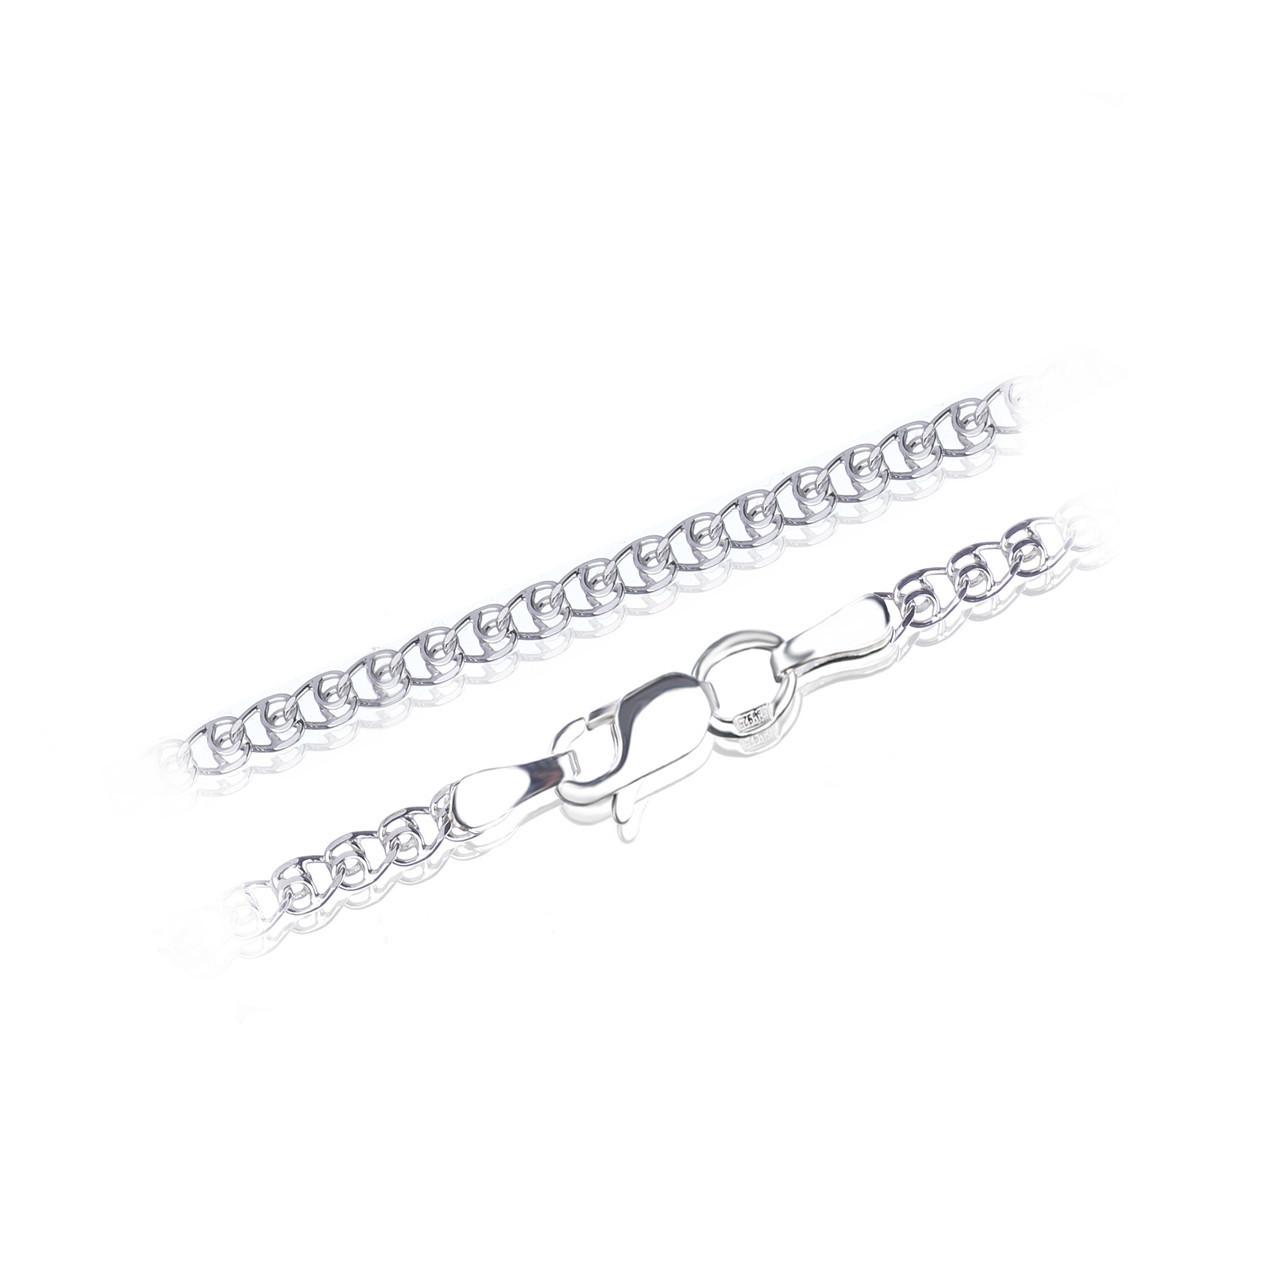 Серебряный браслет GS ЛАВ (LOVE) 3.5 мм размер 18.5 см